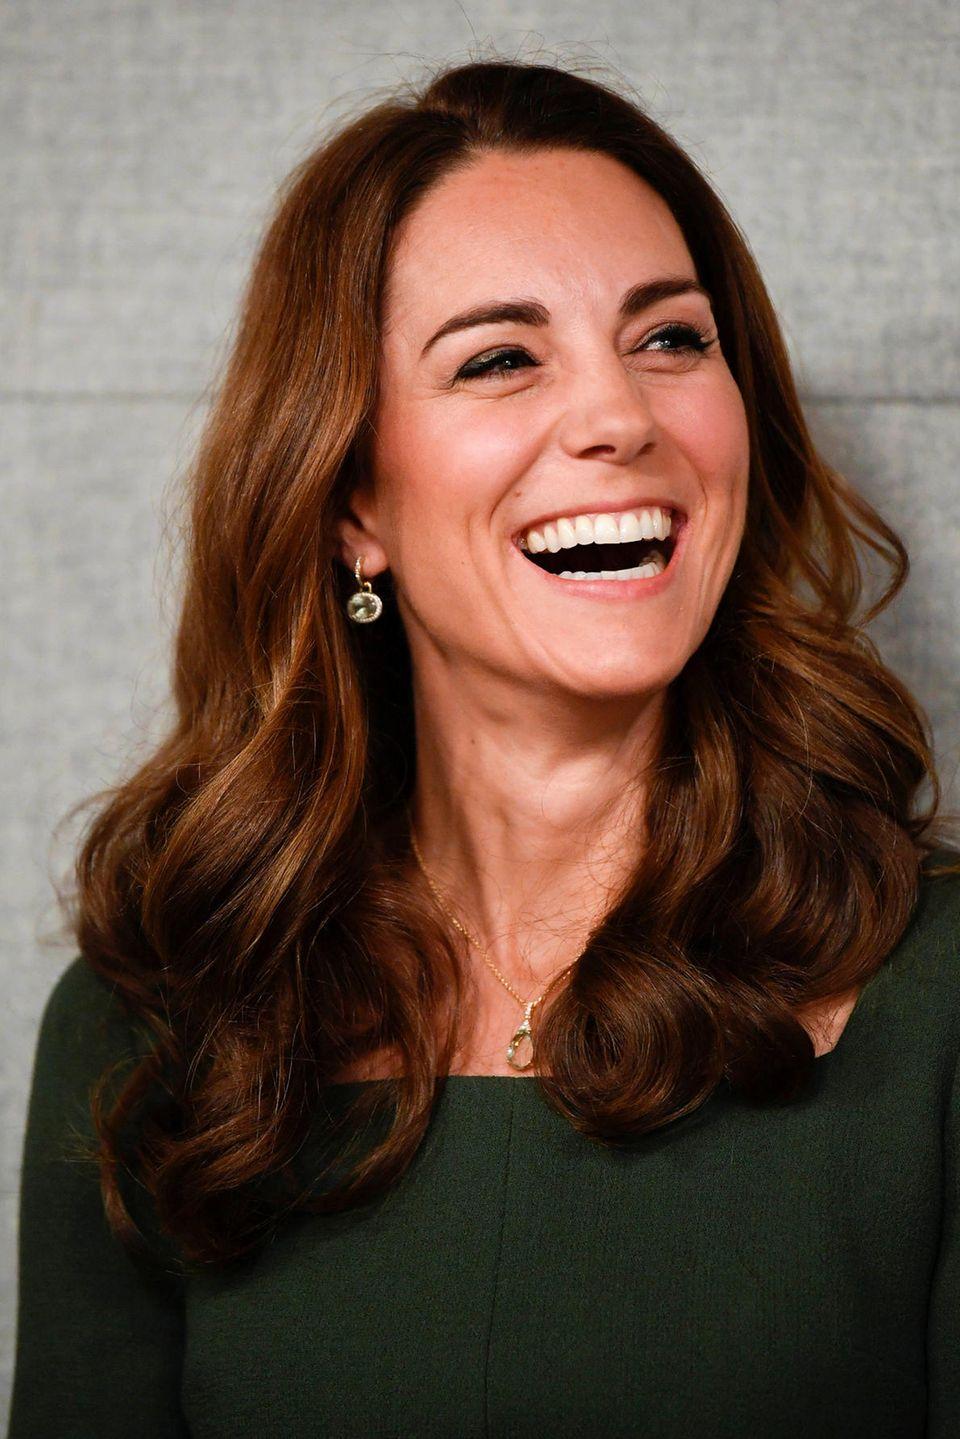 Catherine, die Herzogin von Cambridge, Mitglied der britischen Königsfamilie (*1982)